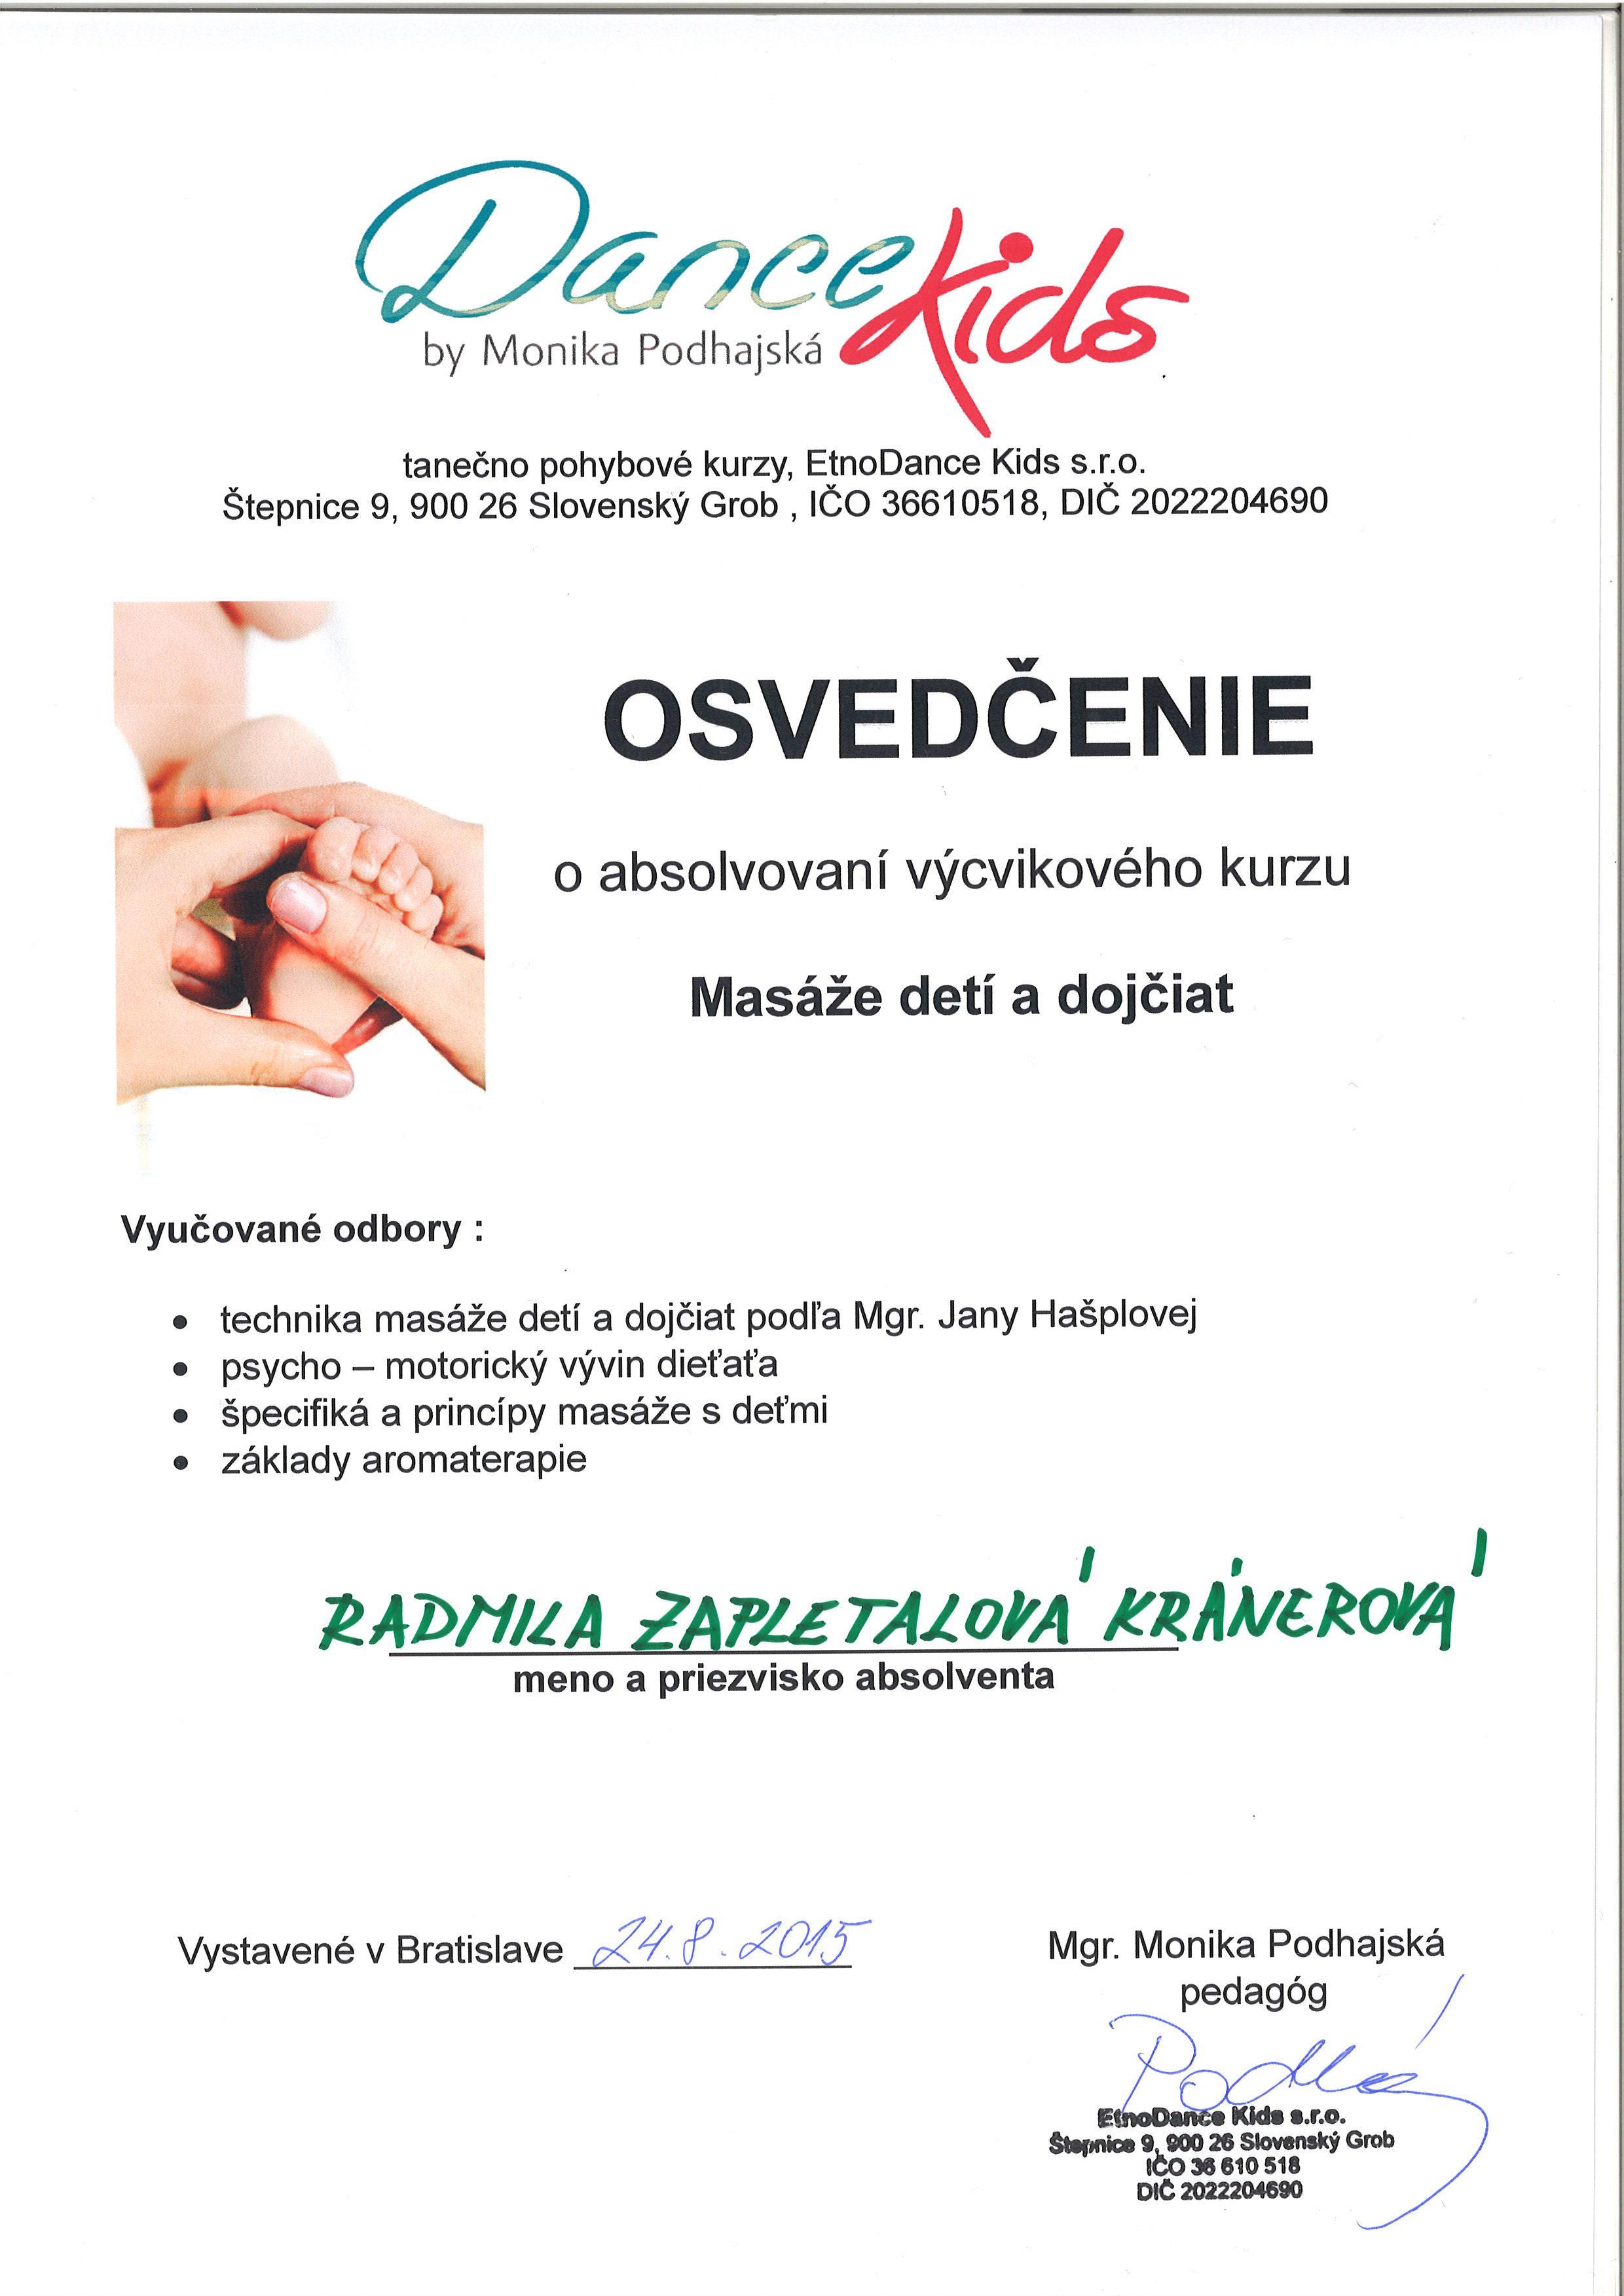 certifikaty-radmila-zapletalova-kranerova-04